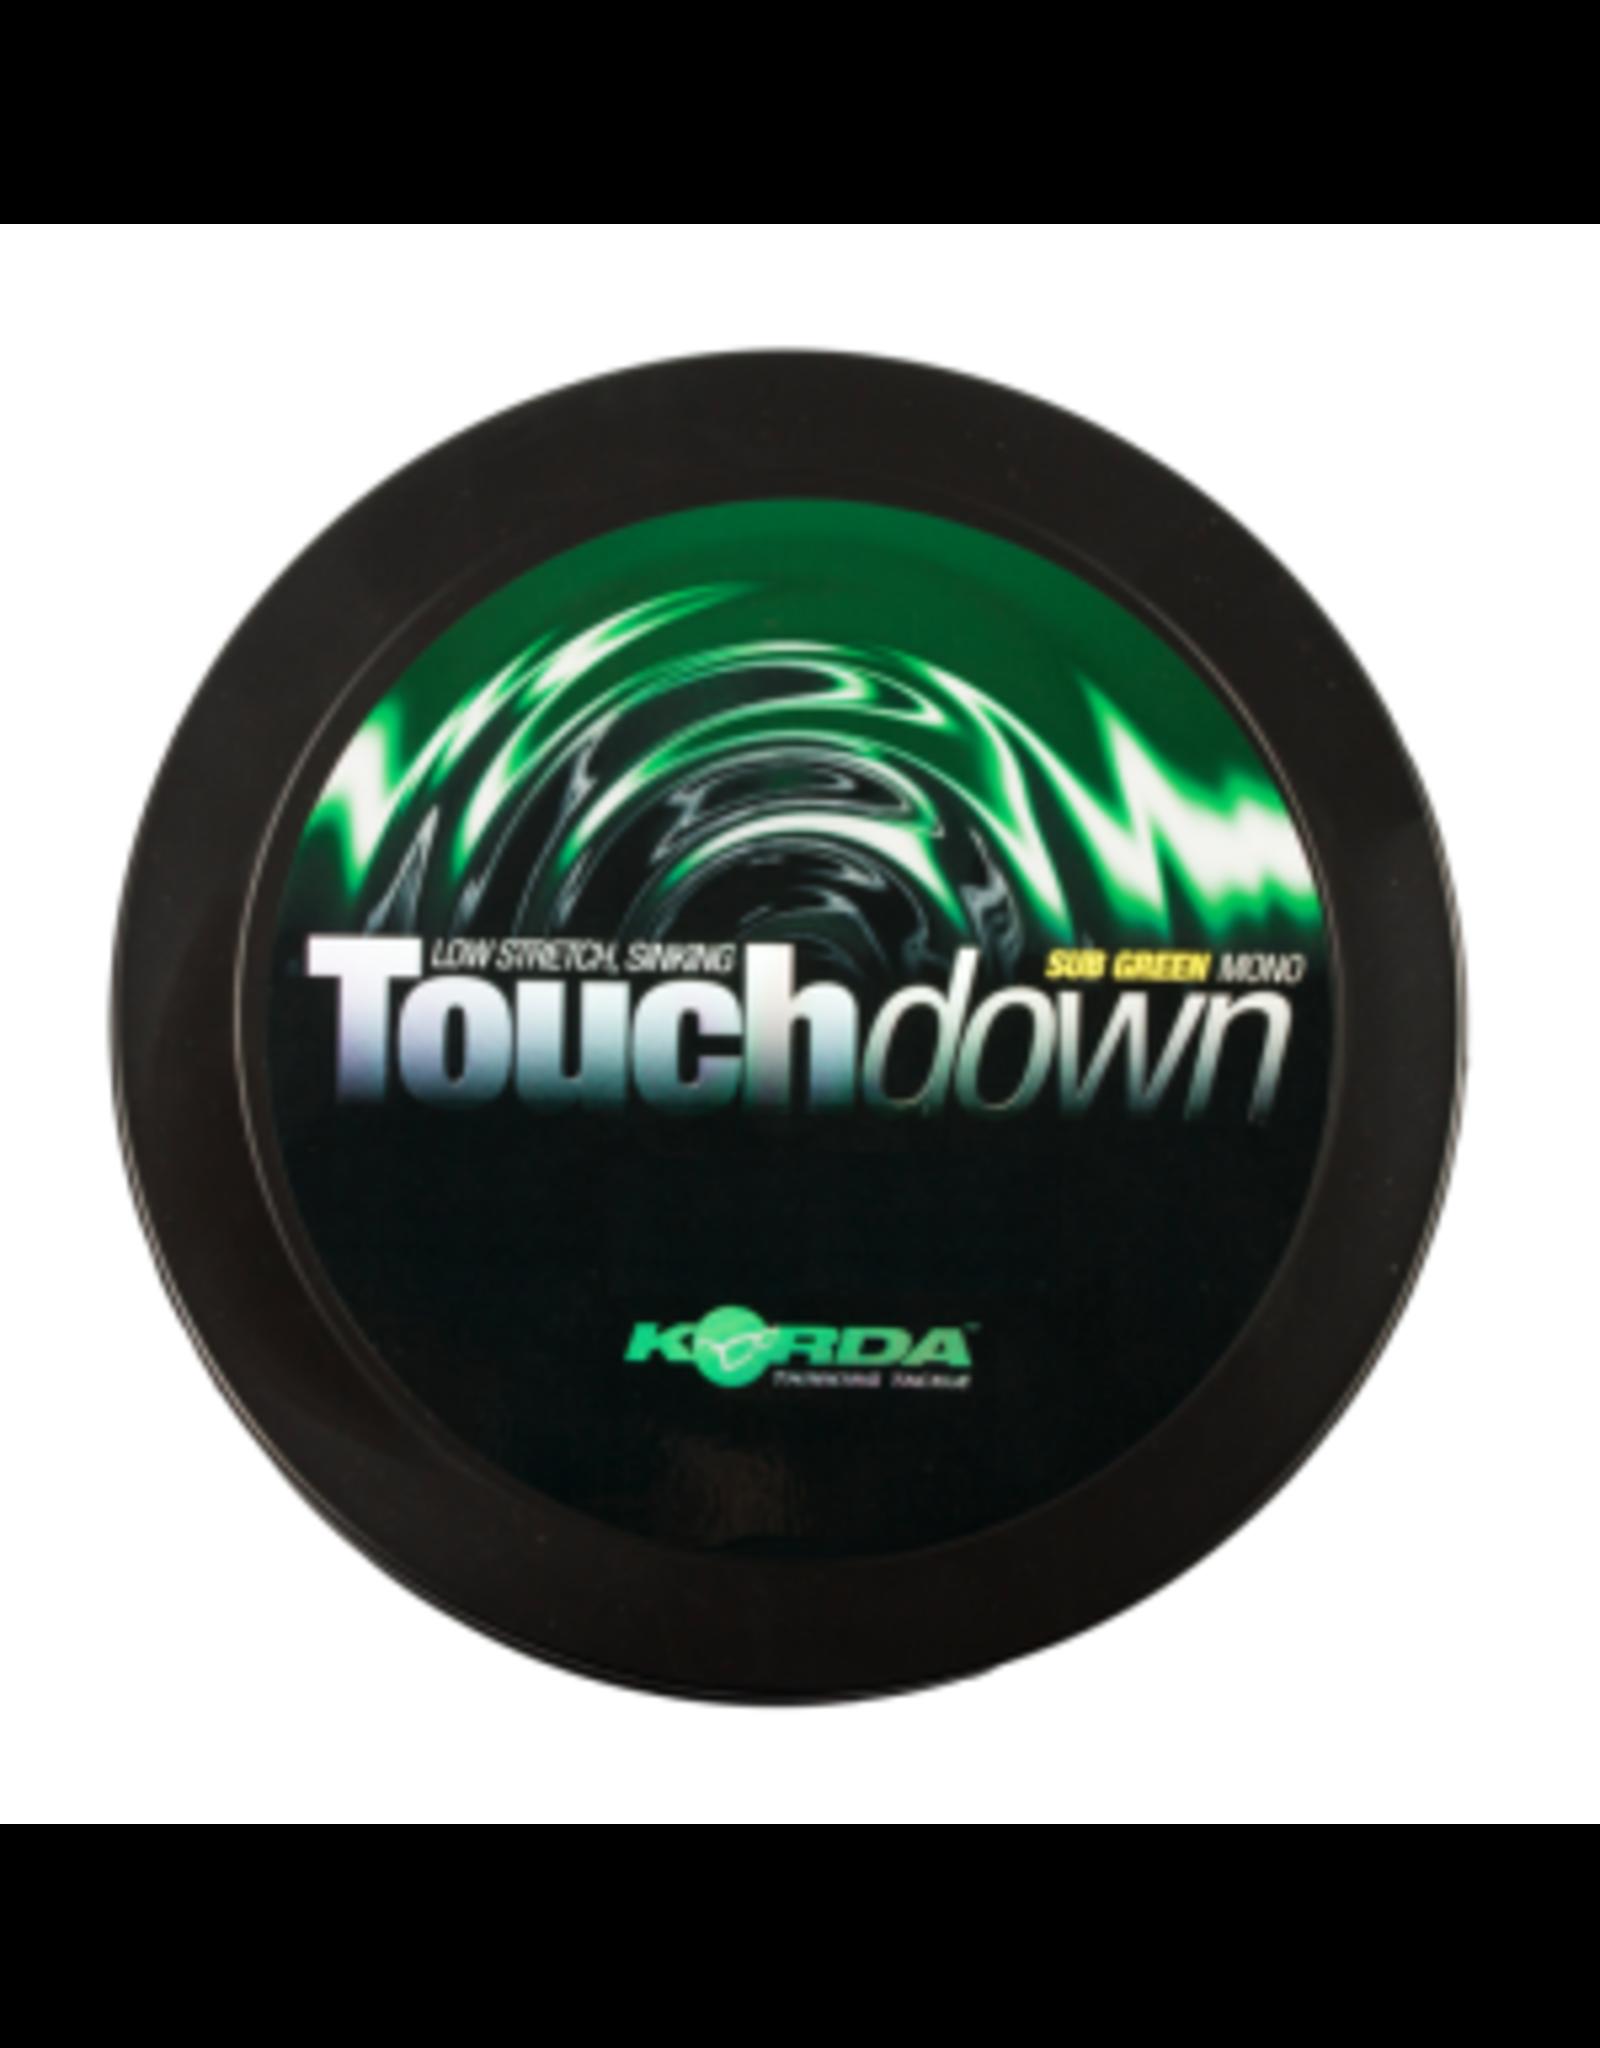 KORDA Touchdown draad